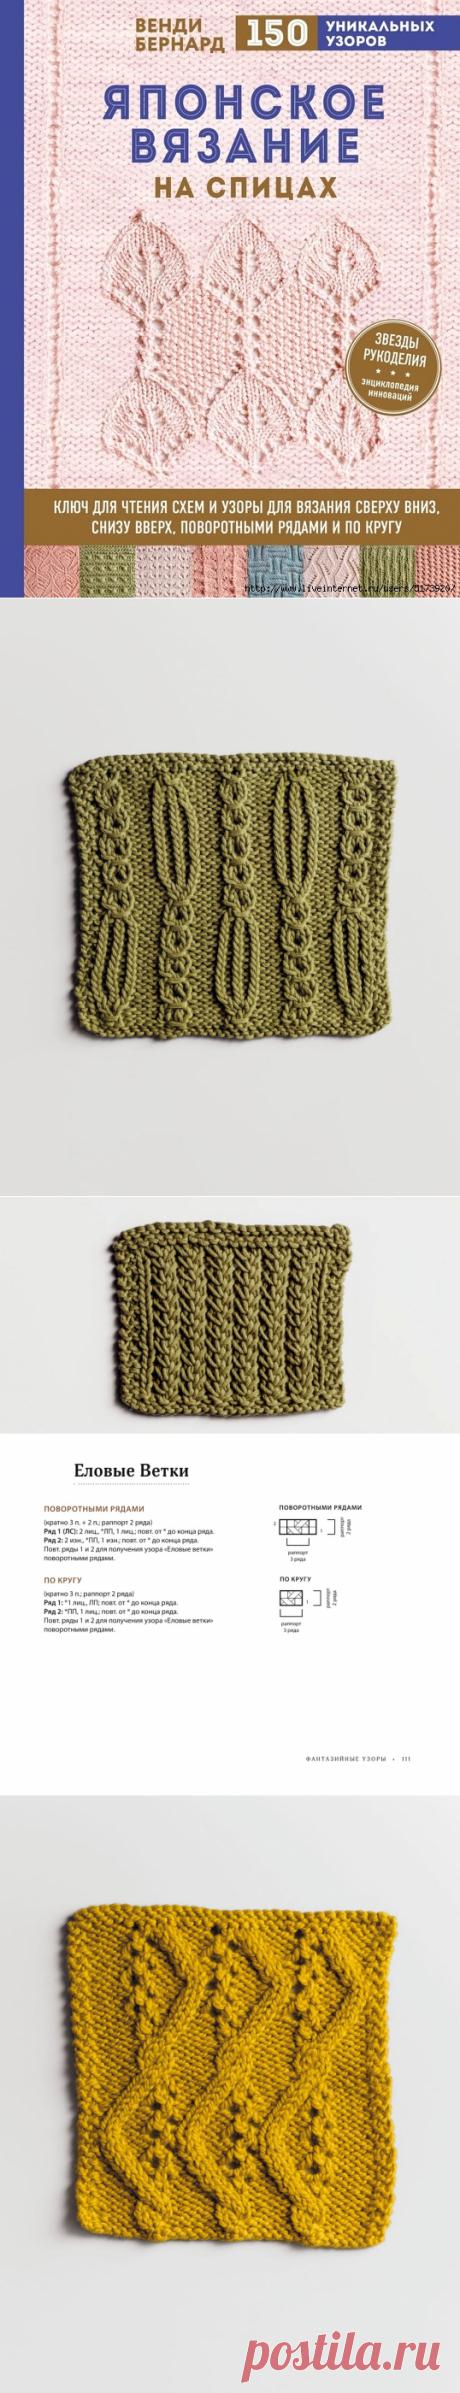 Японское вязание на спицах.